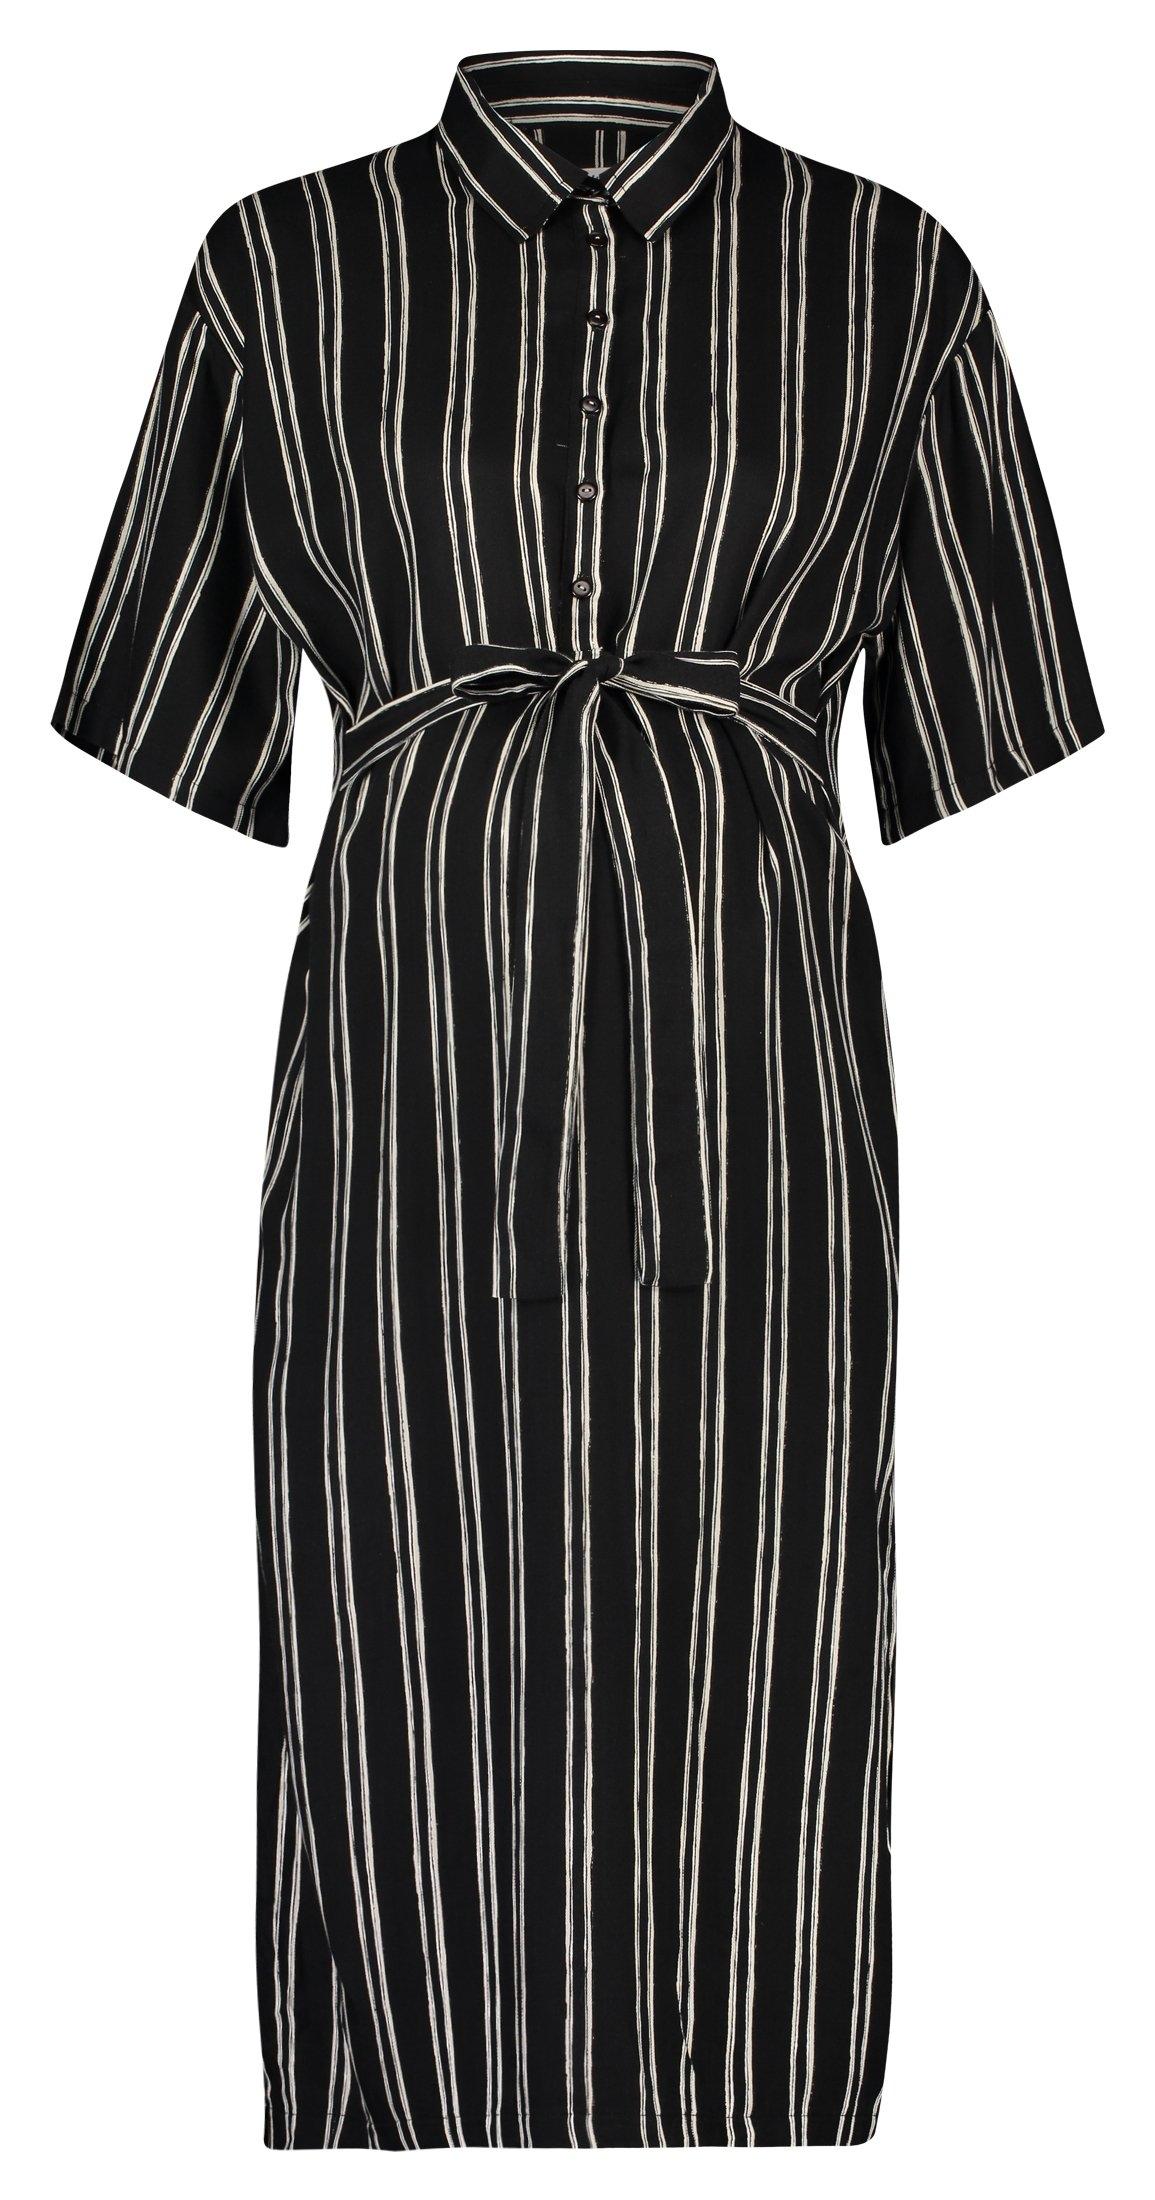 Queen Mum Jurk »Dress Woven« goedkoop op otto.nl kopen